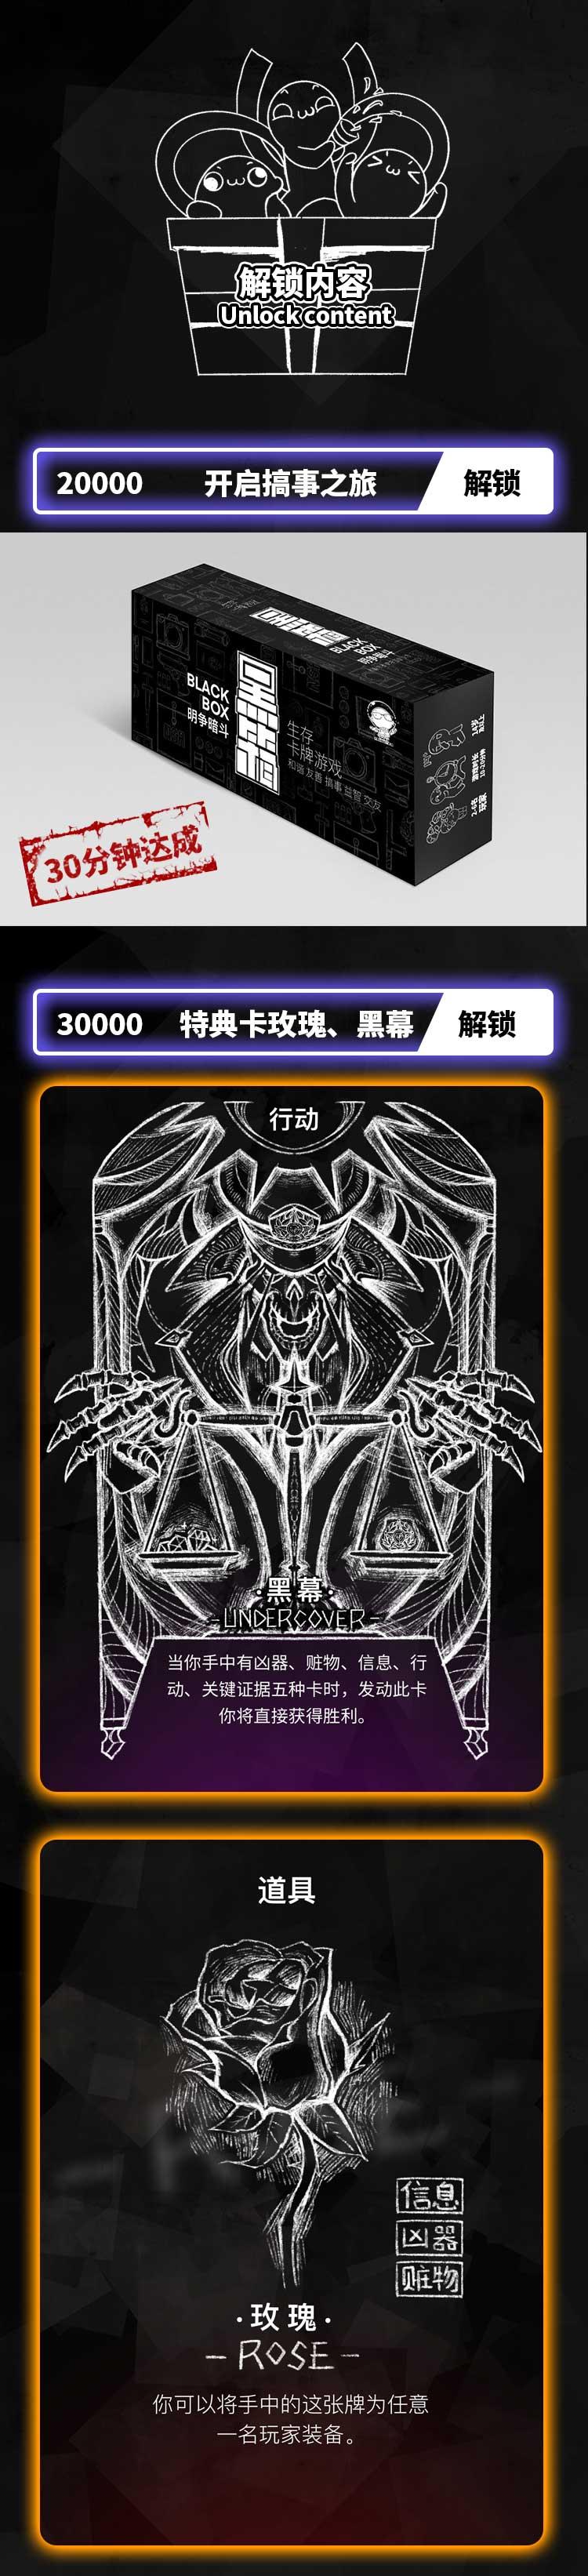 黑箱详情众筹版_09_06.jpg